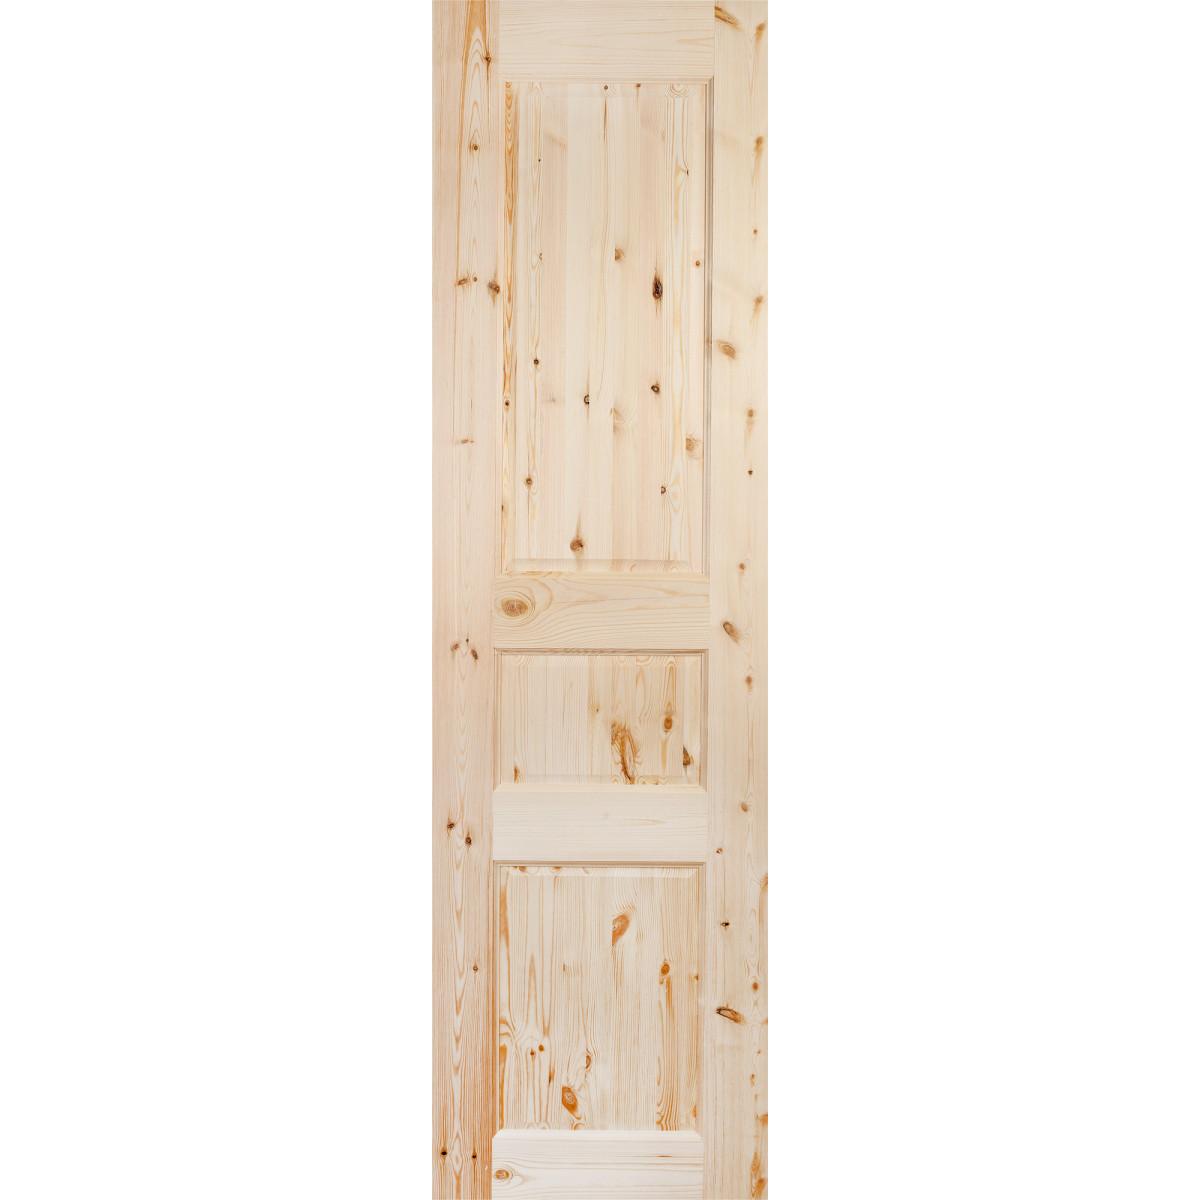 Дверь Межкомнатная Глухая 3 Филёнки 60x200 Массив Сосны Цвет Бежевый